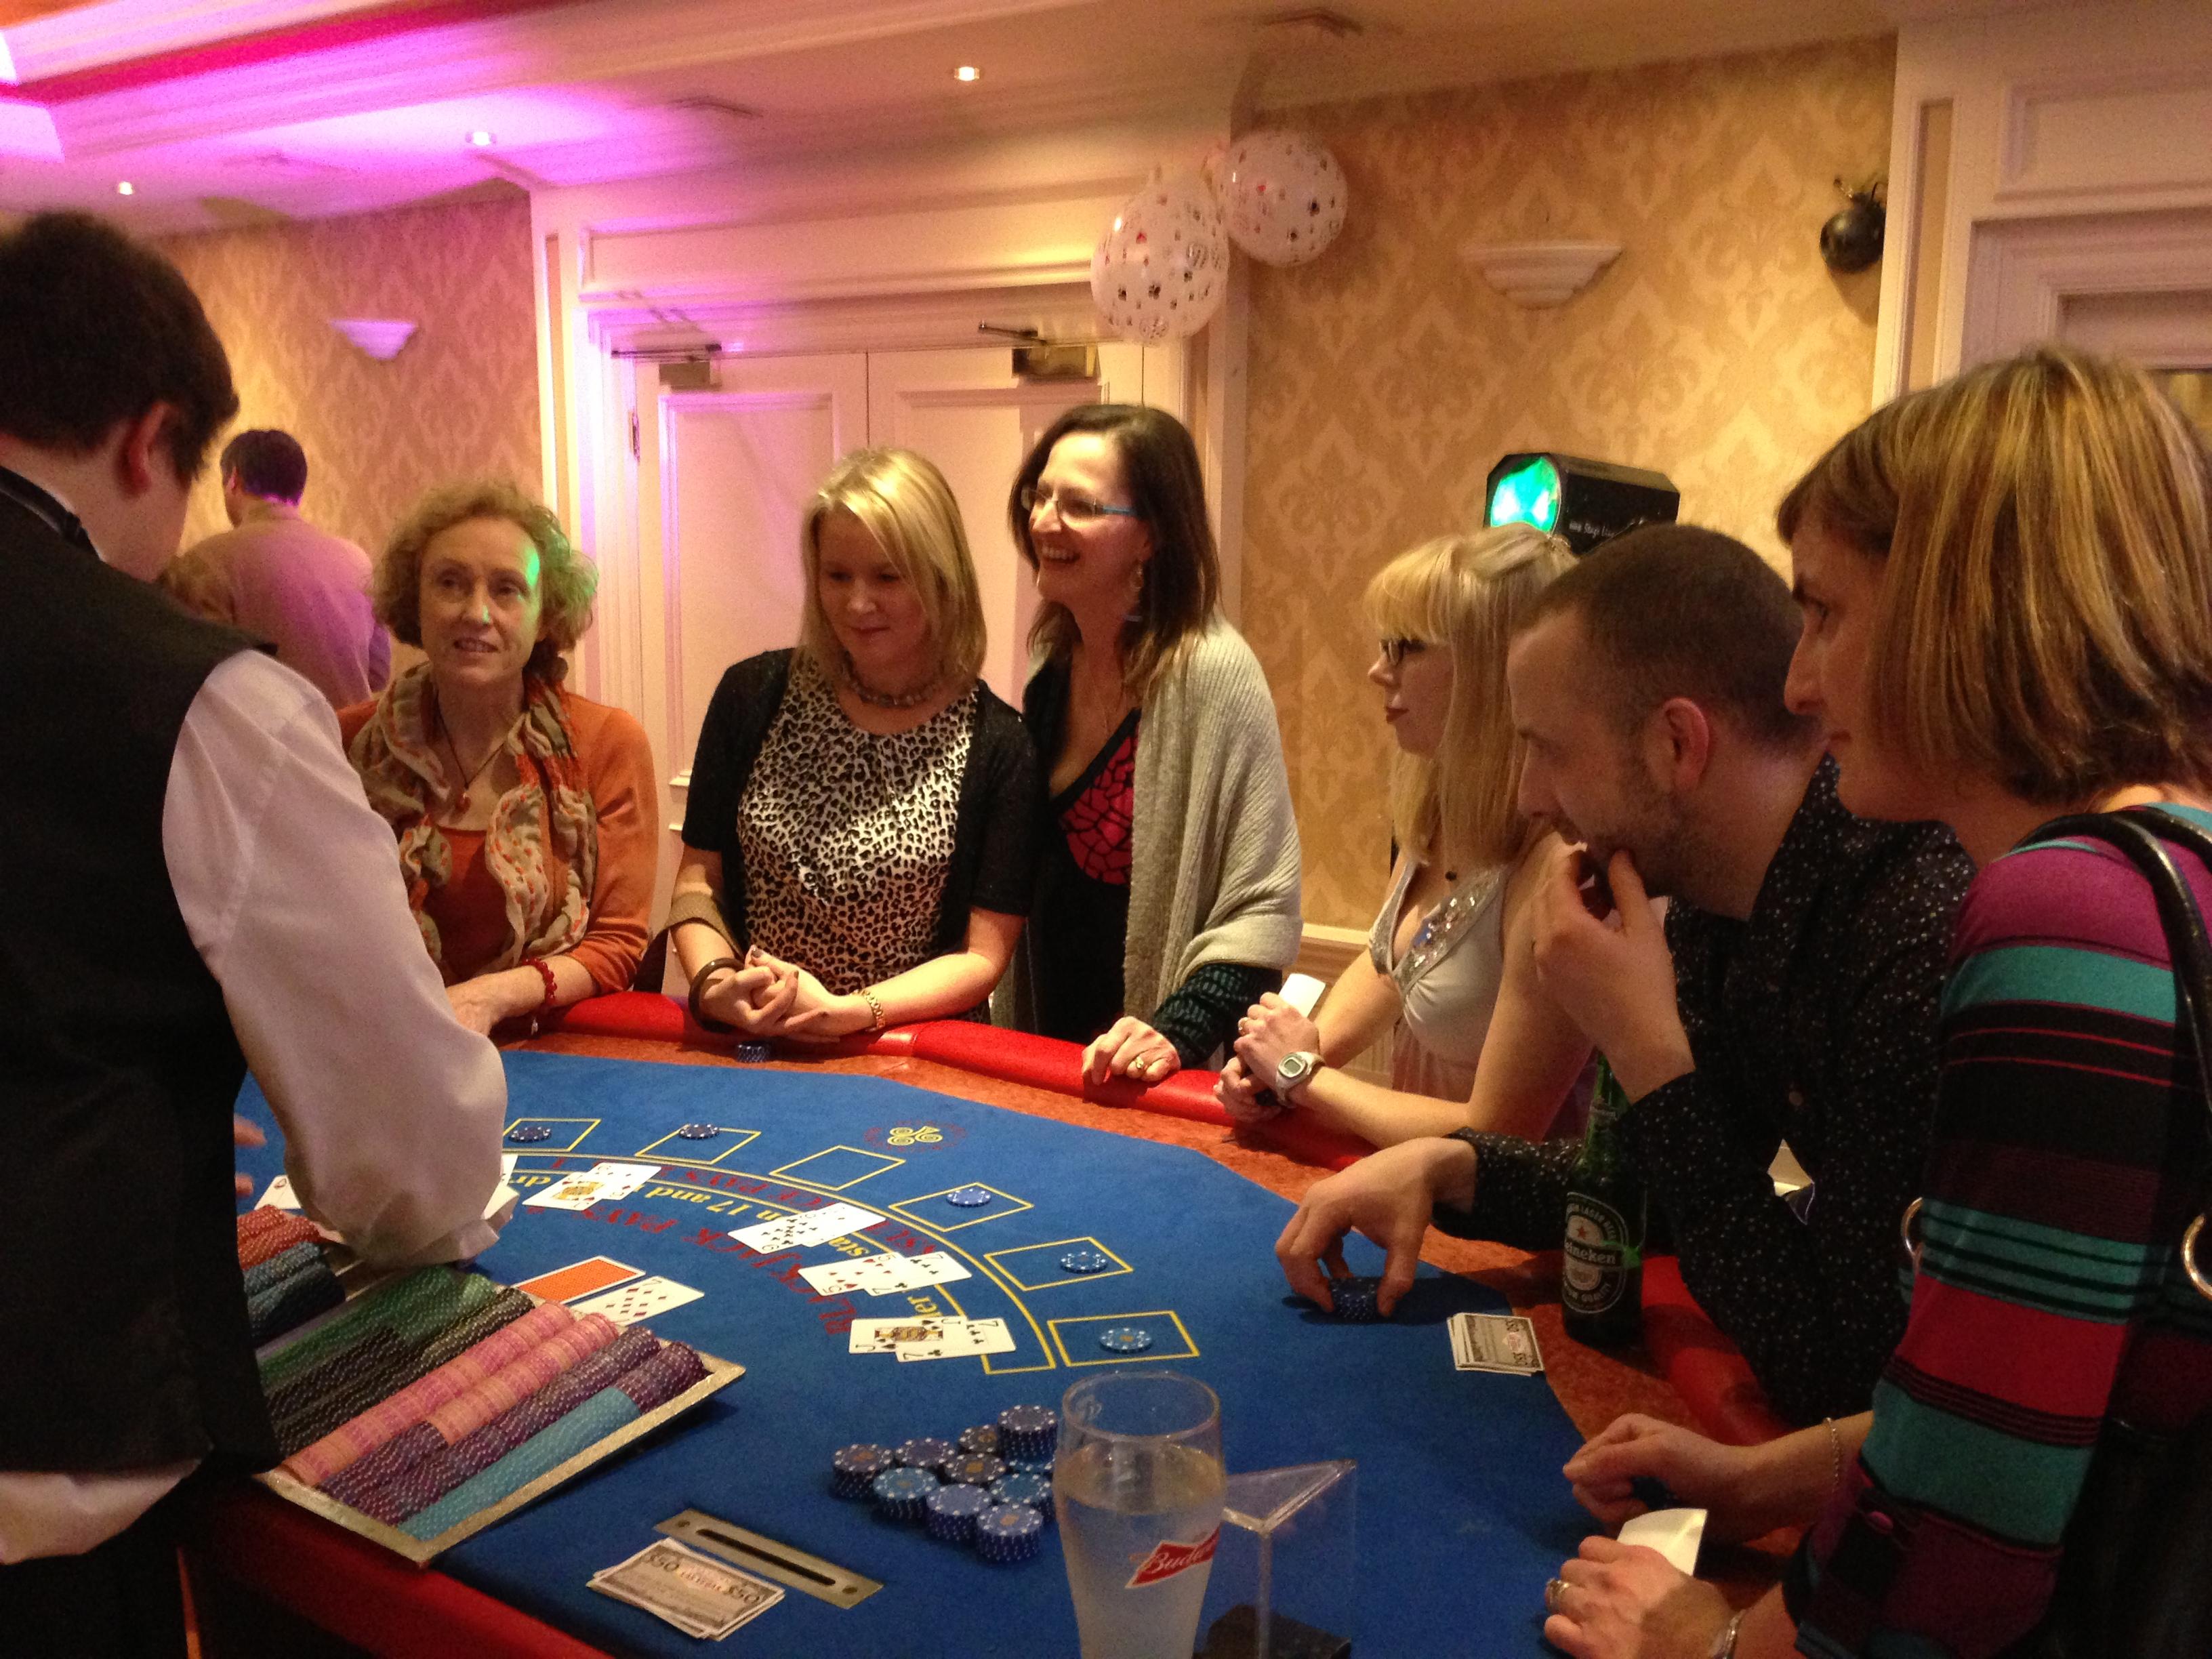 Federal taxes gambling losses